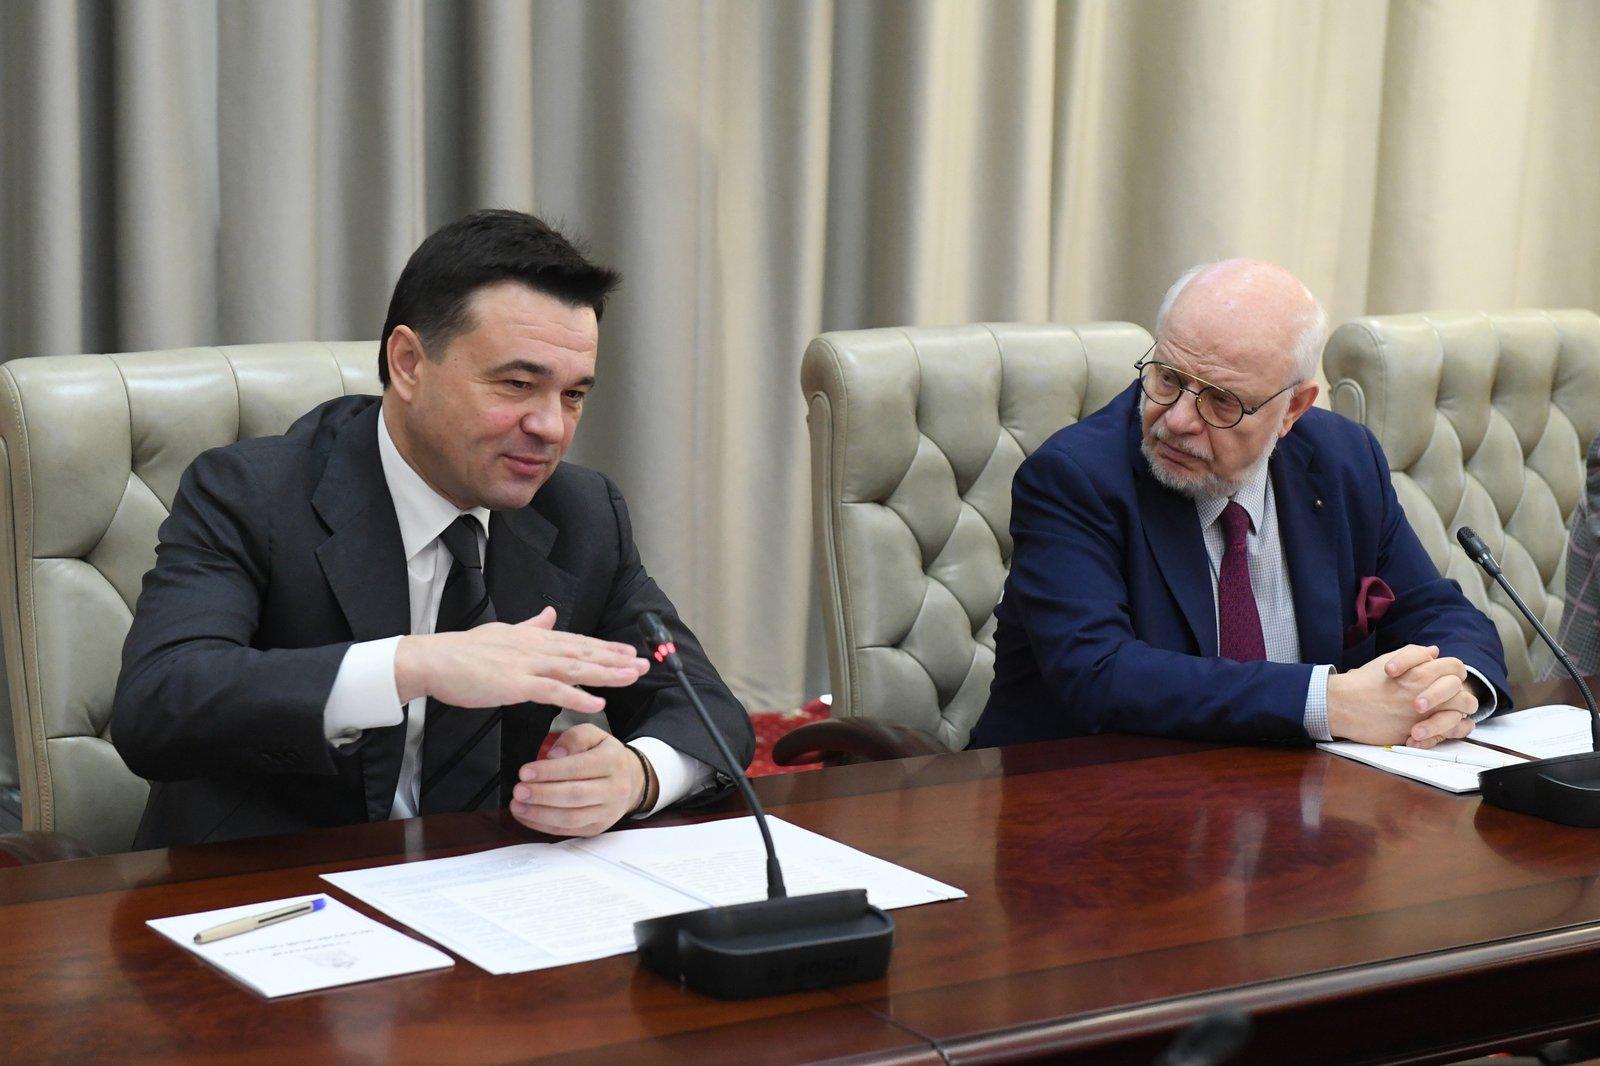 Андрей Воробьев губернатор московской области - «Когда кончается терпение, начинается выносливость». Итоги работы Совета по правам человека